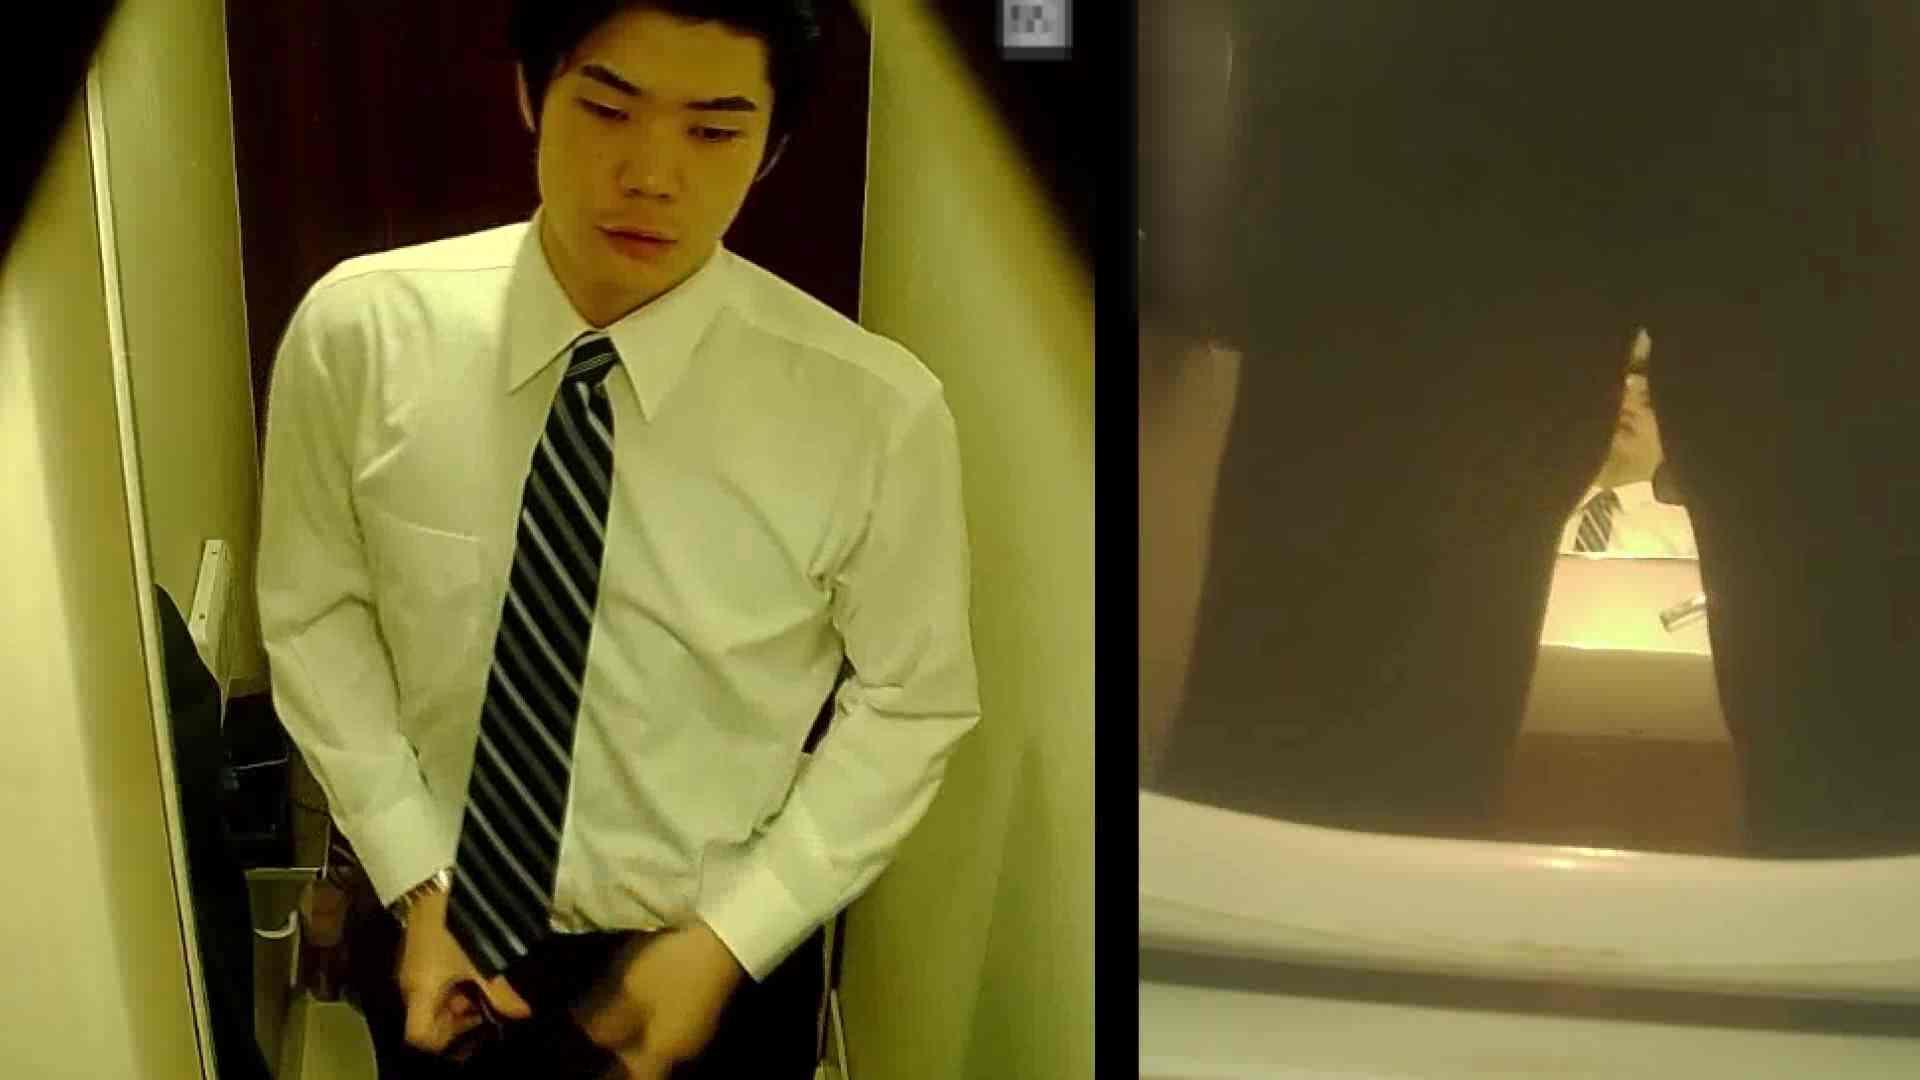 イケメンの素顔in洗面所 Vol.09 イケメンのsex | 0  74pic 1